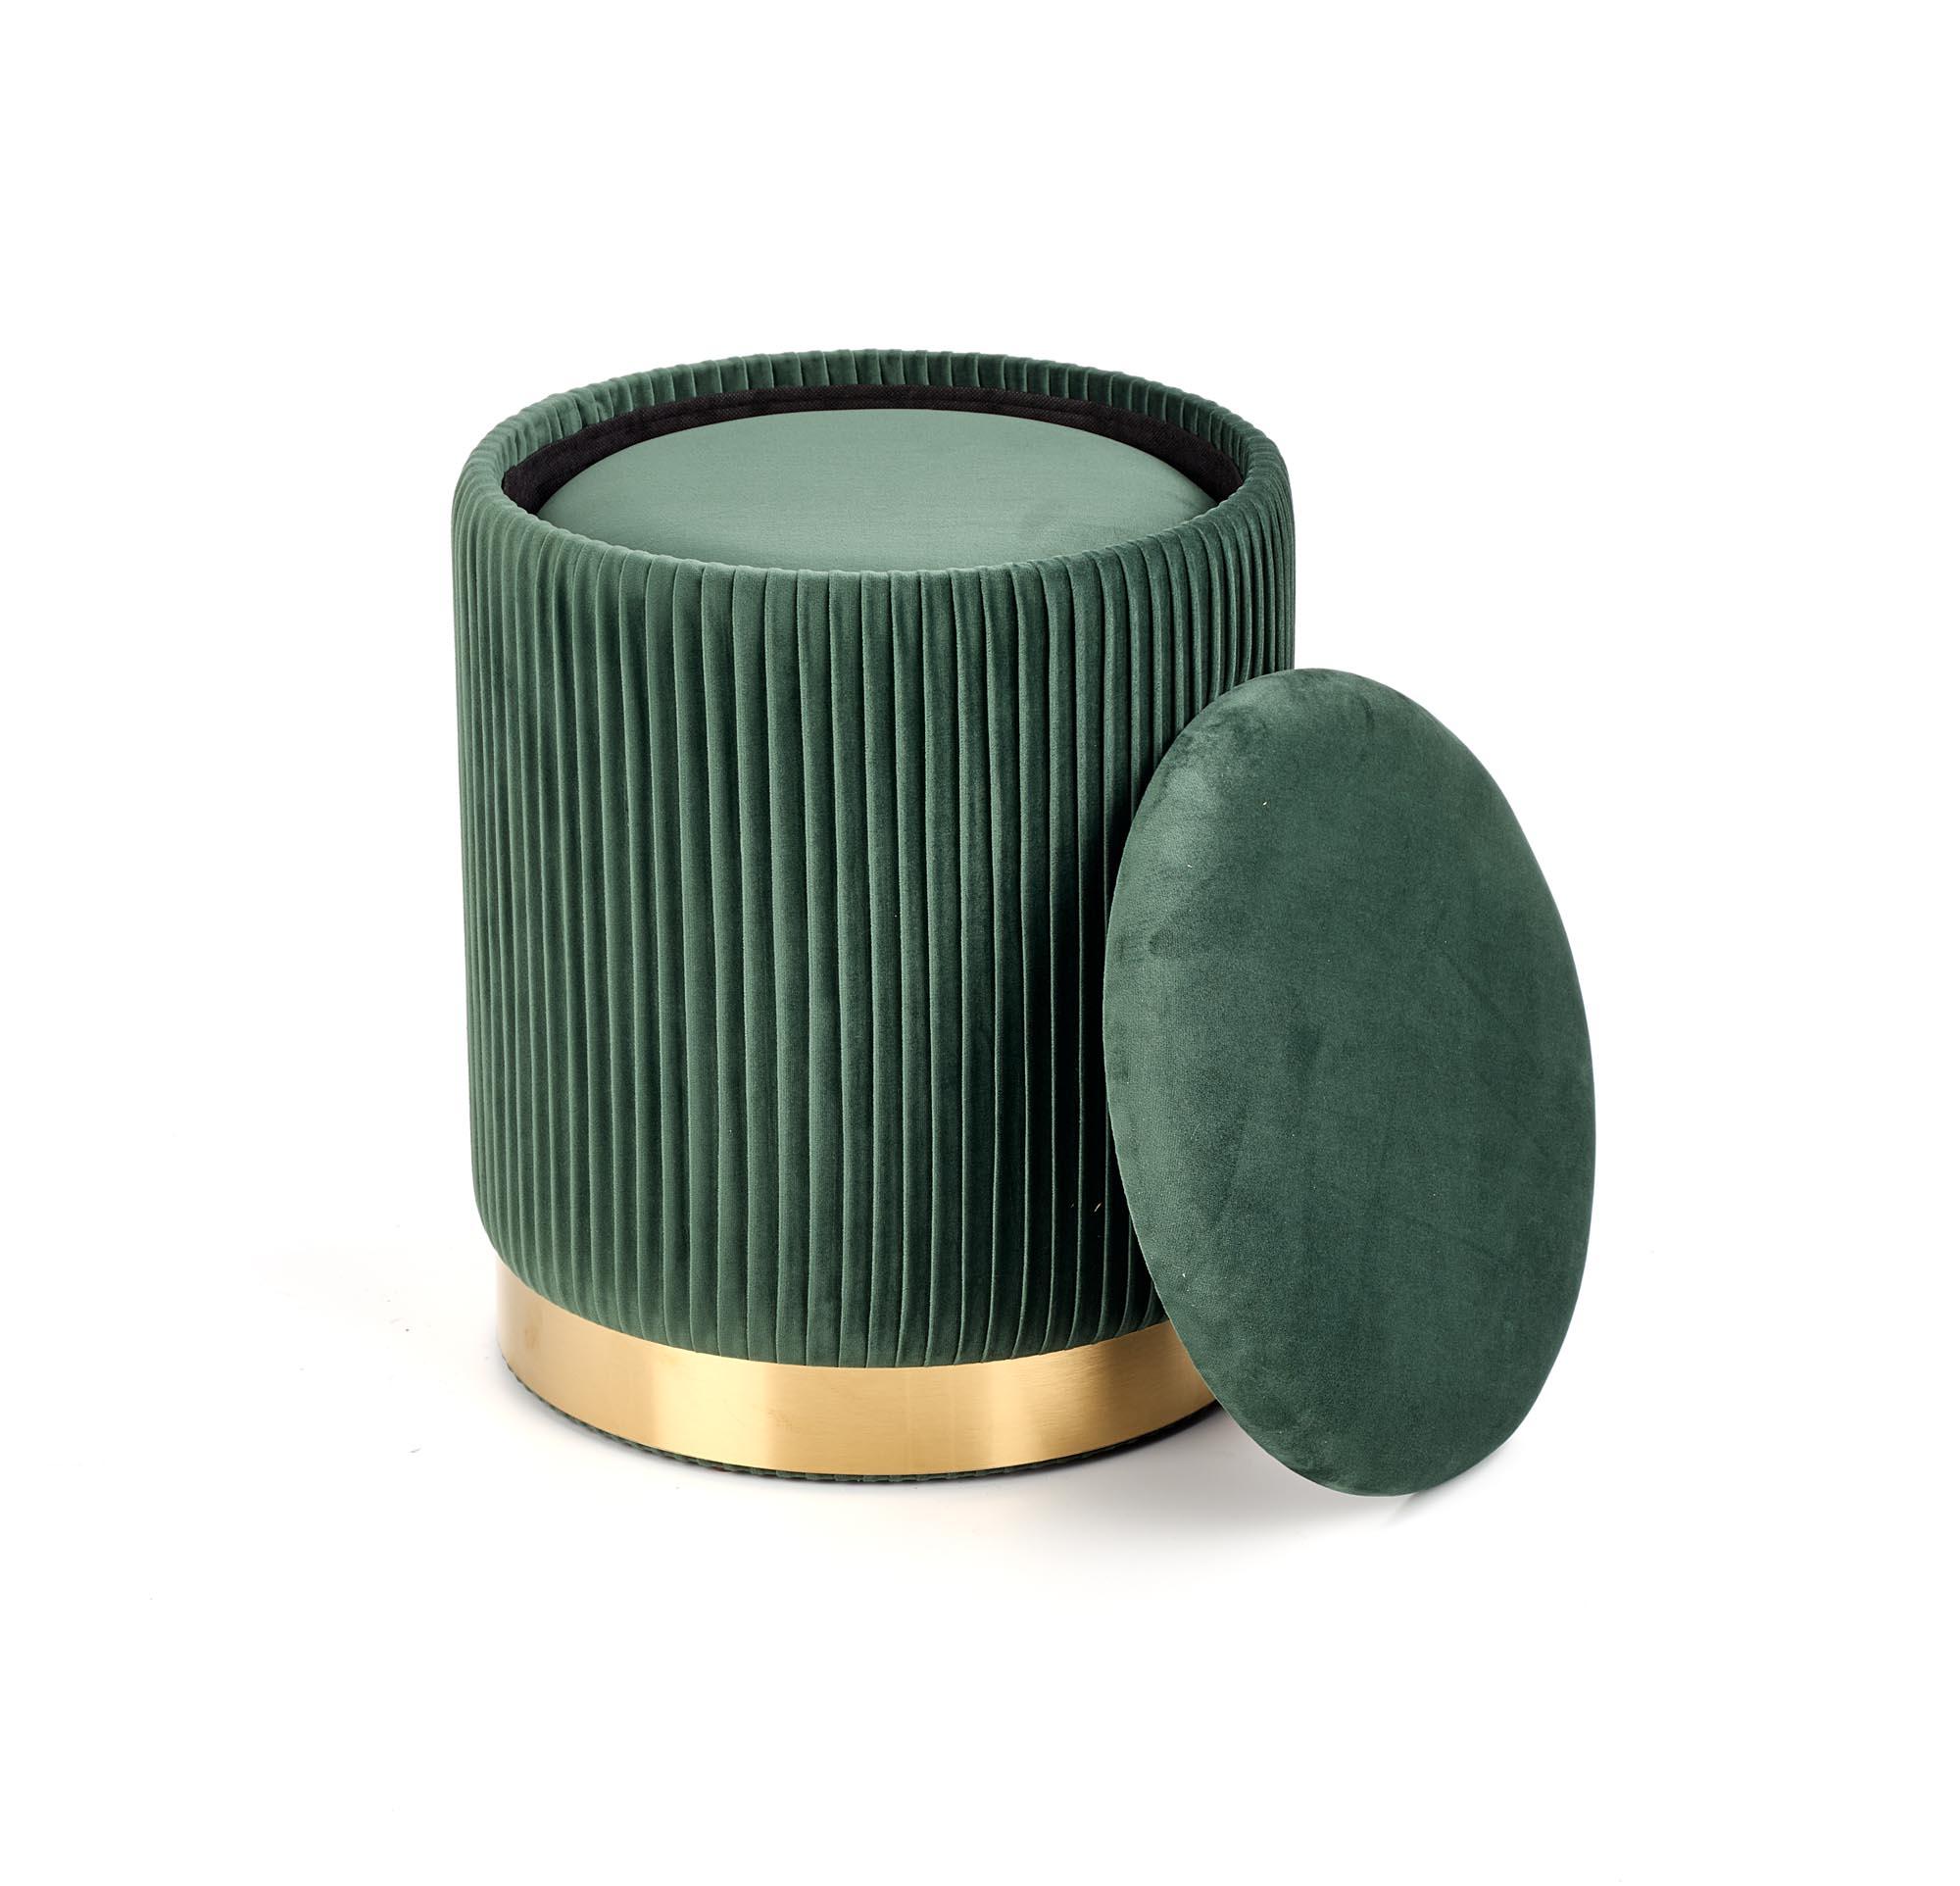 MONTY zestaw 2 puf, ciemny zielony